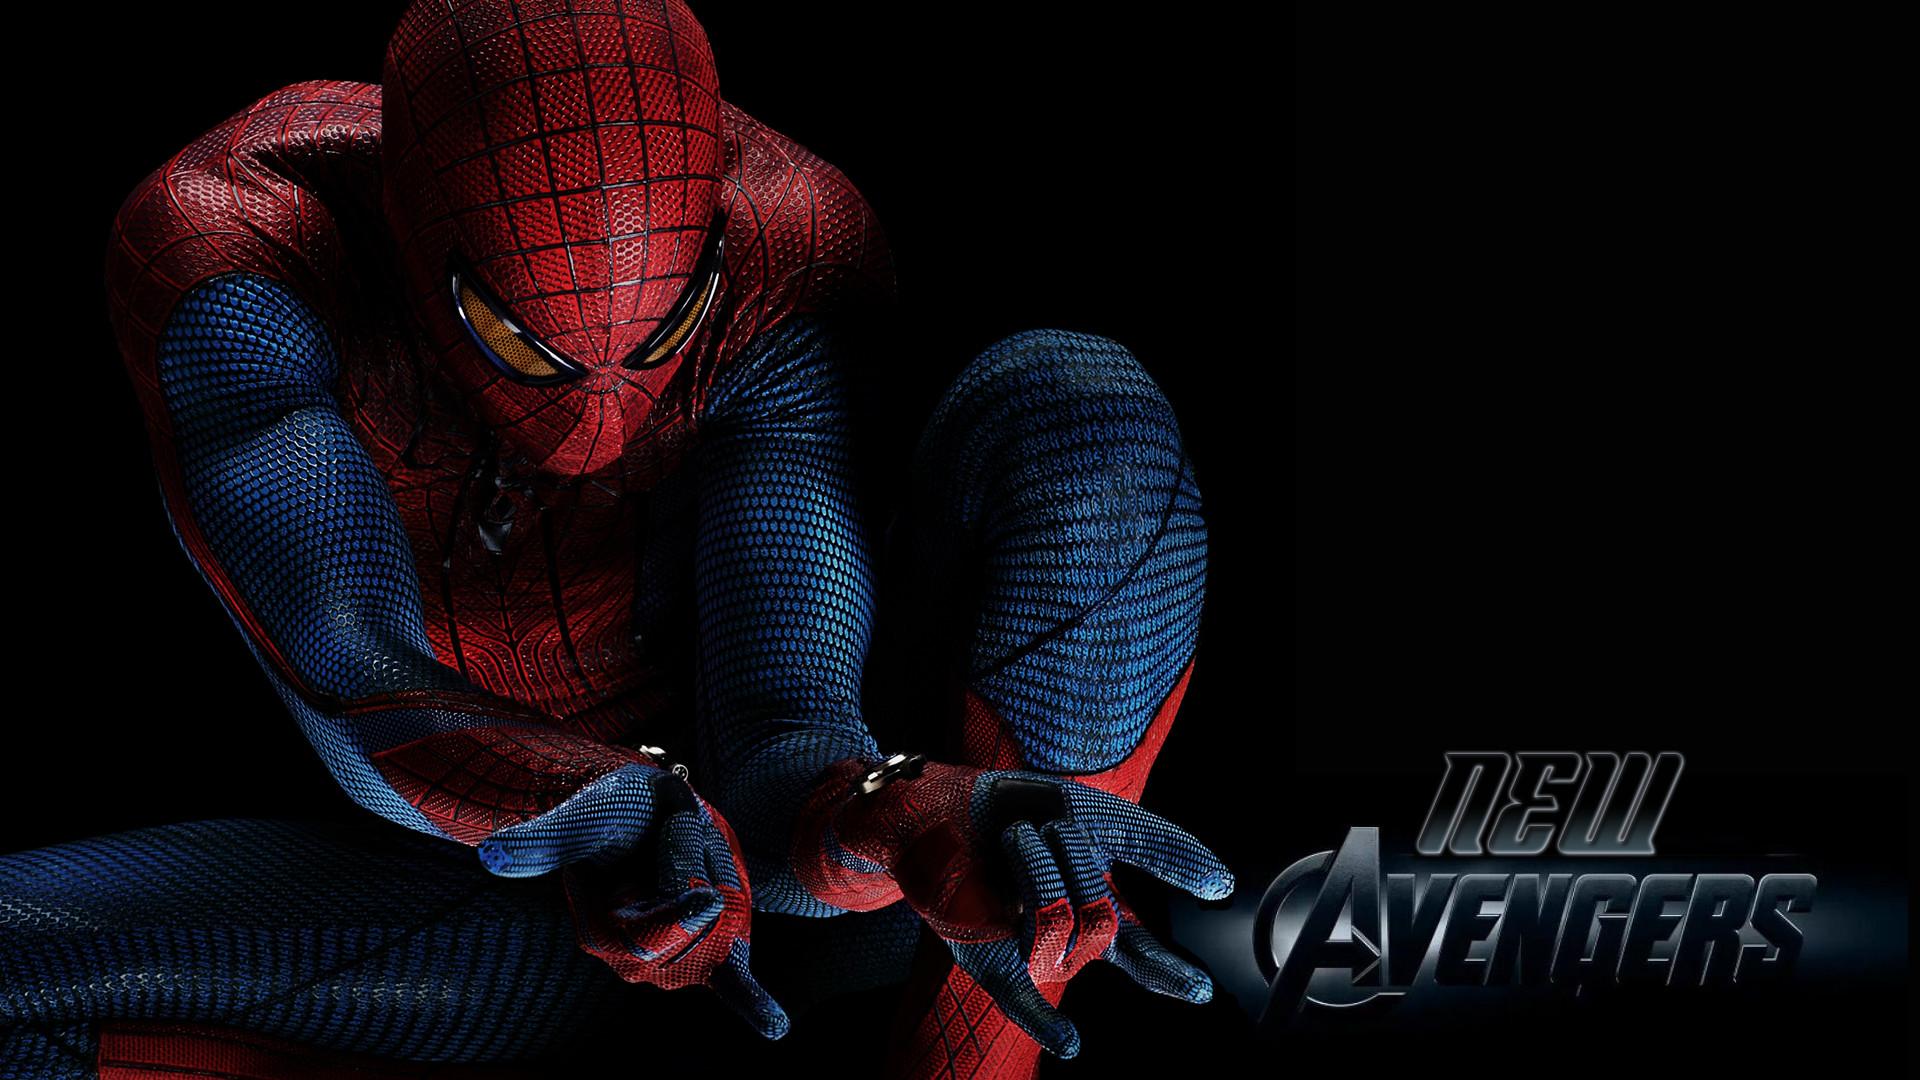 The Avenger Wallpaper HD (76+ Images